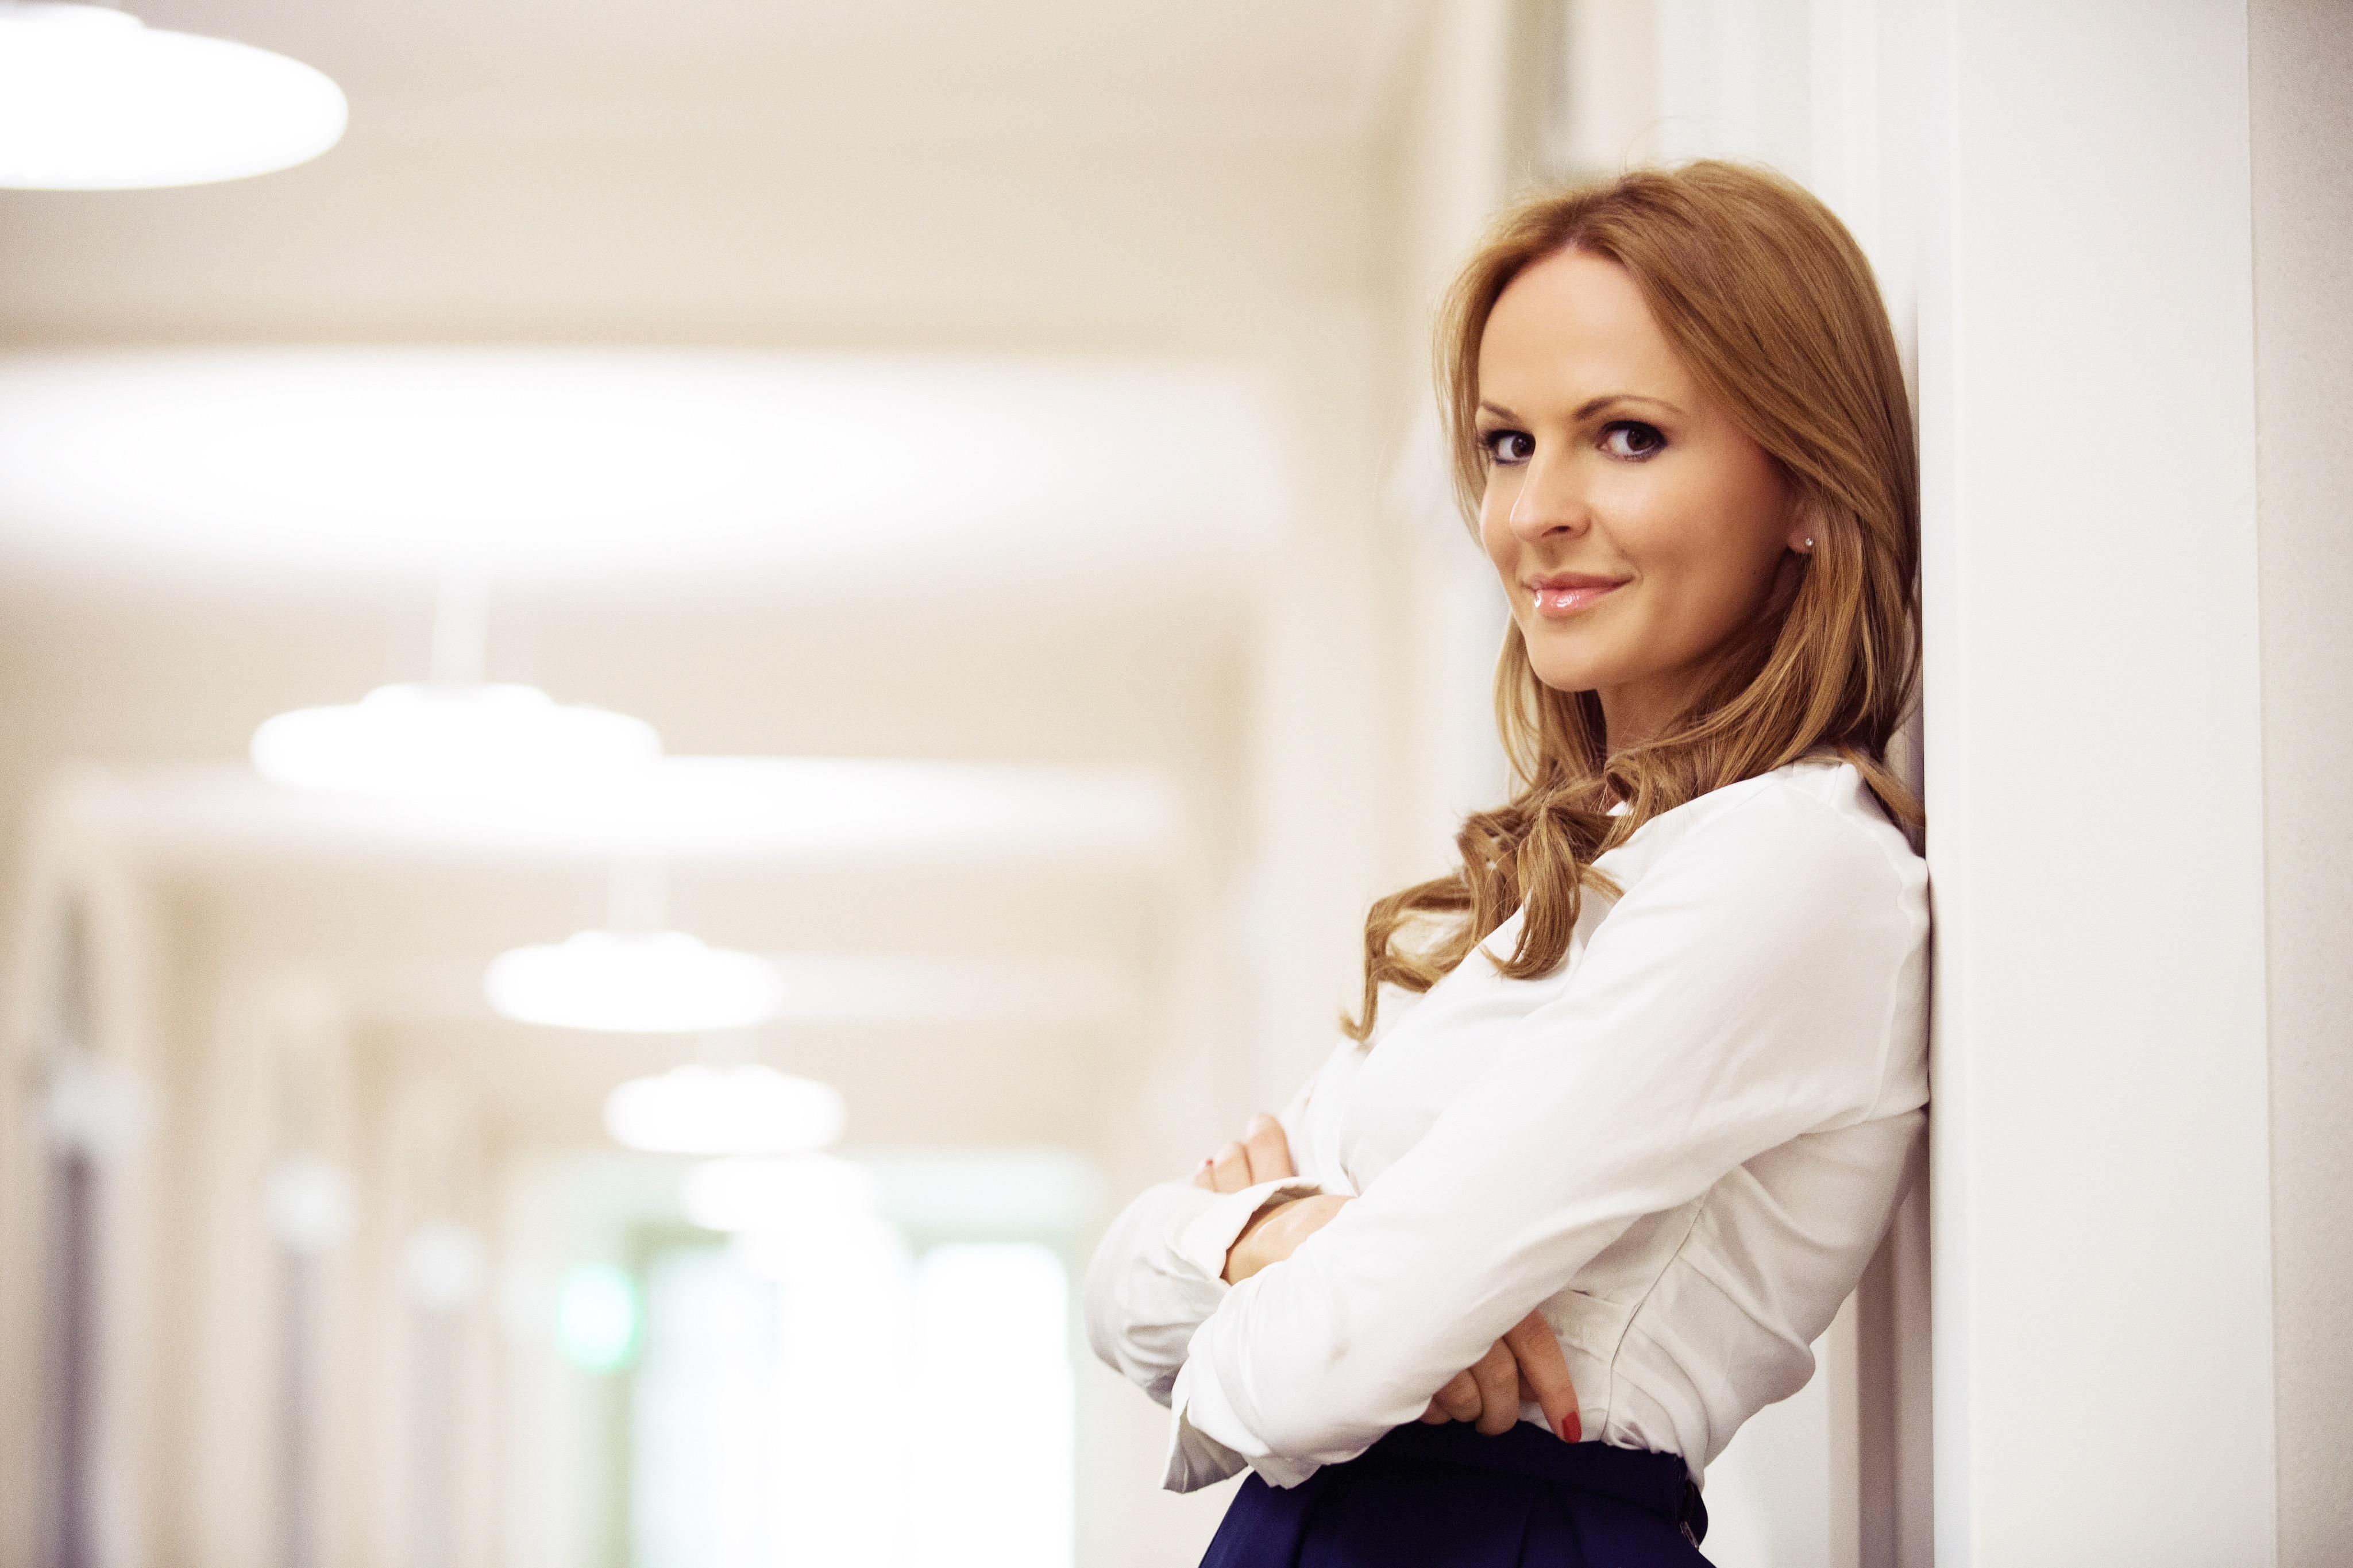 BUSINESS-WOMAN.CH INTERVIEW: ZÜRICH IST MEIN ZUHAUSE